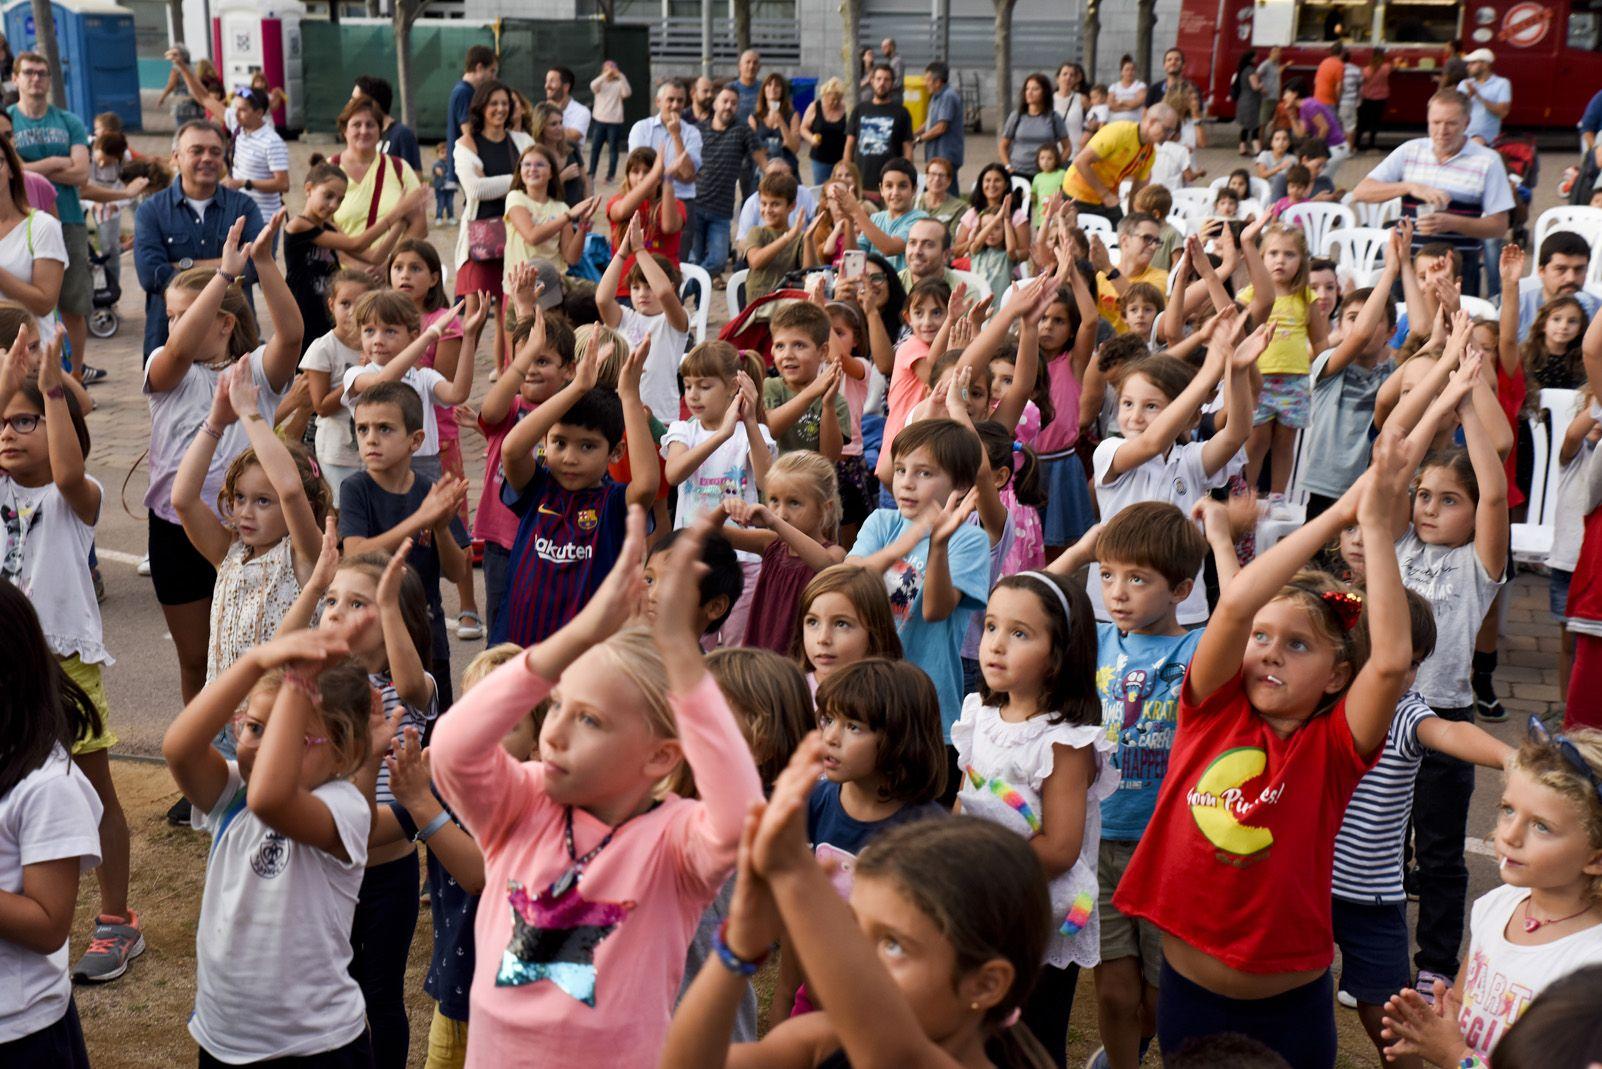 Activitats per nens i nenes de Festa Major de Volpelleres. Foto: Bernat Millet.